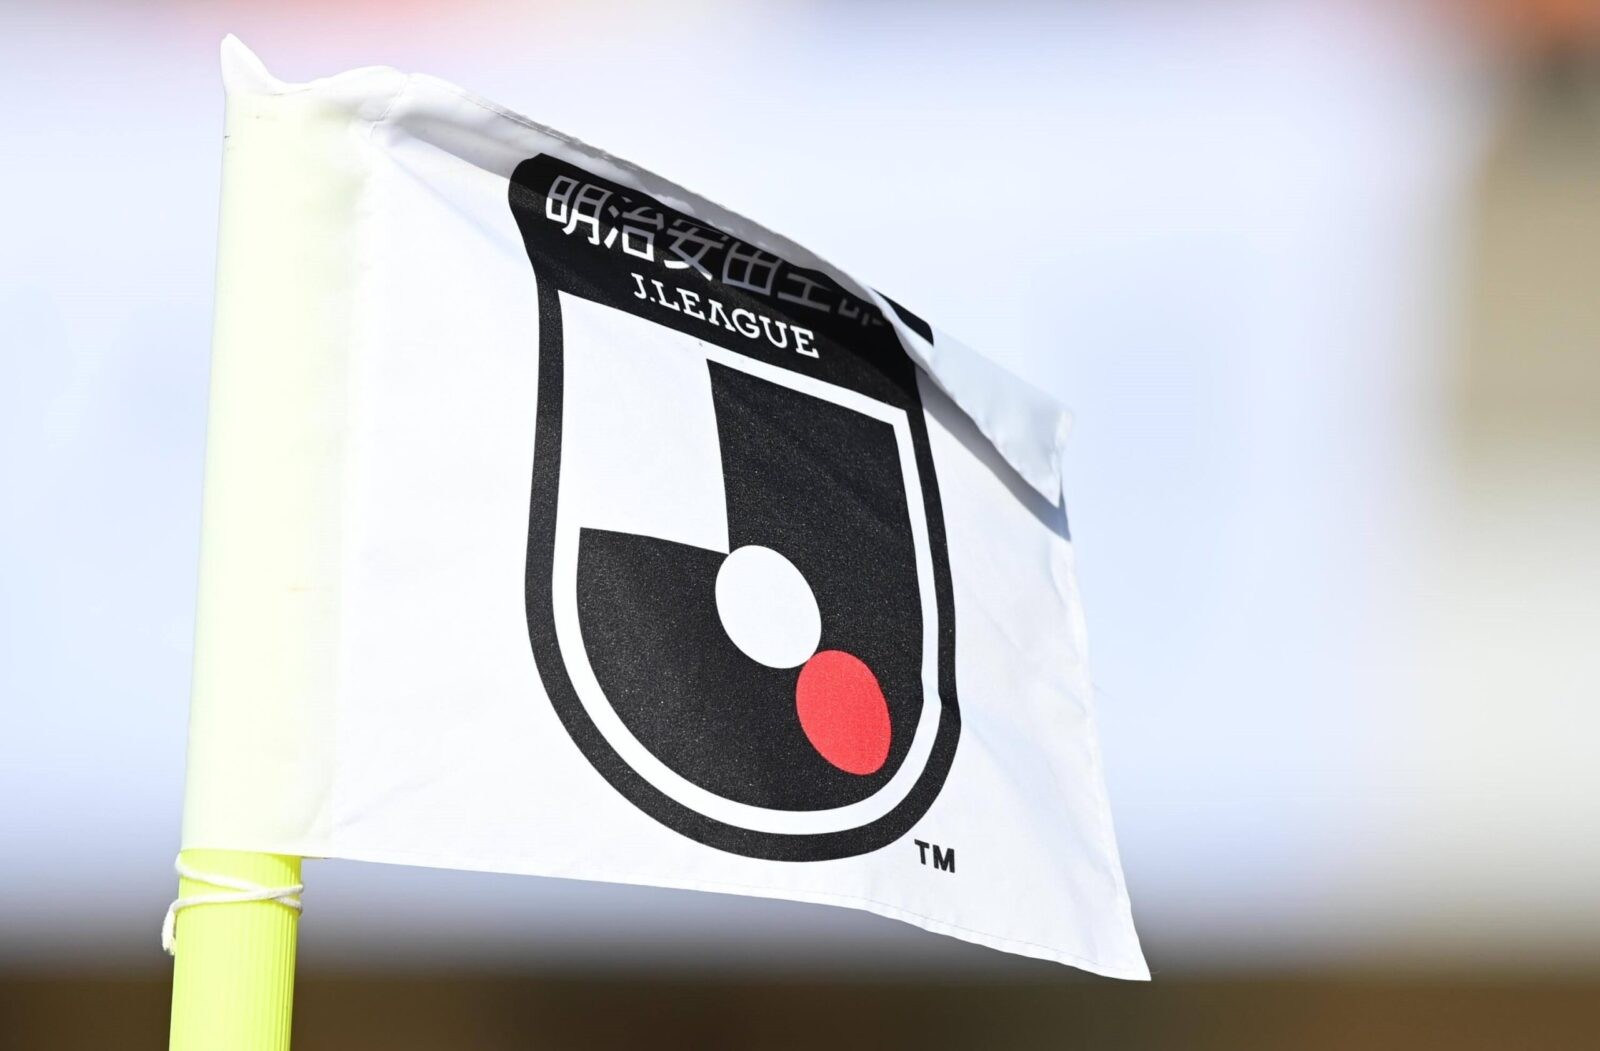 福島の不服一部認定、Jリーグ罰則「0-3没収試合」→「2-0勝利」に戻る。CAS提訴中の浦和にも影響か!?